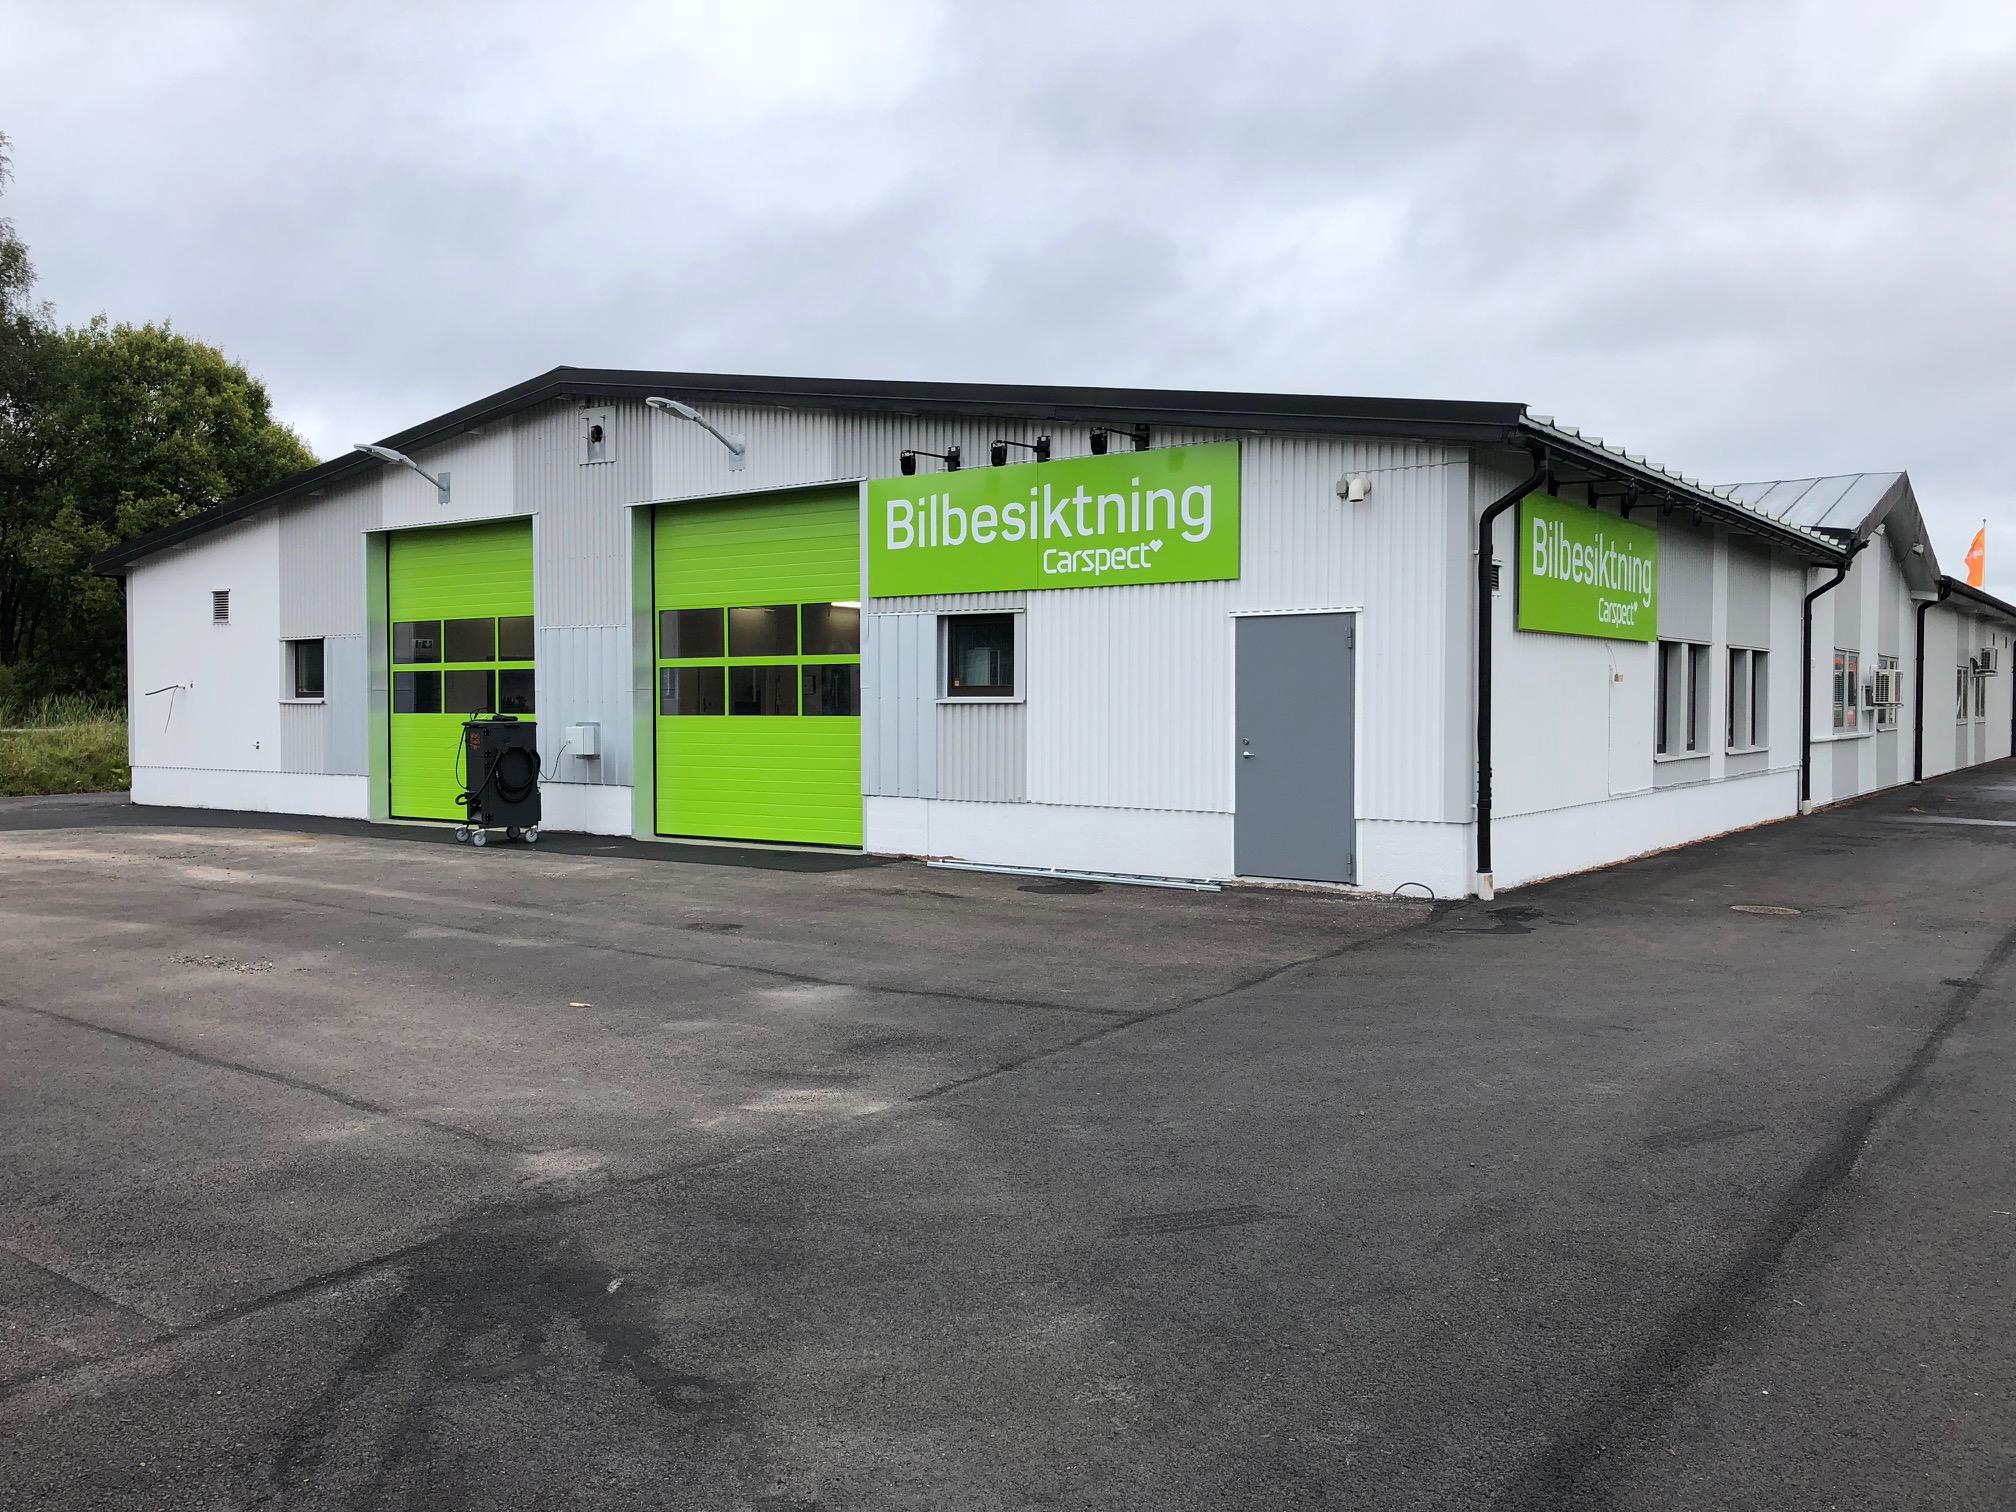 Carspects besiktningsstation på Nygårdsvägen i Borlänge